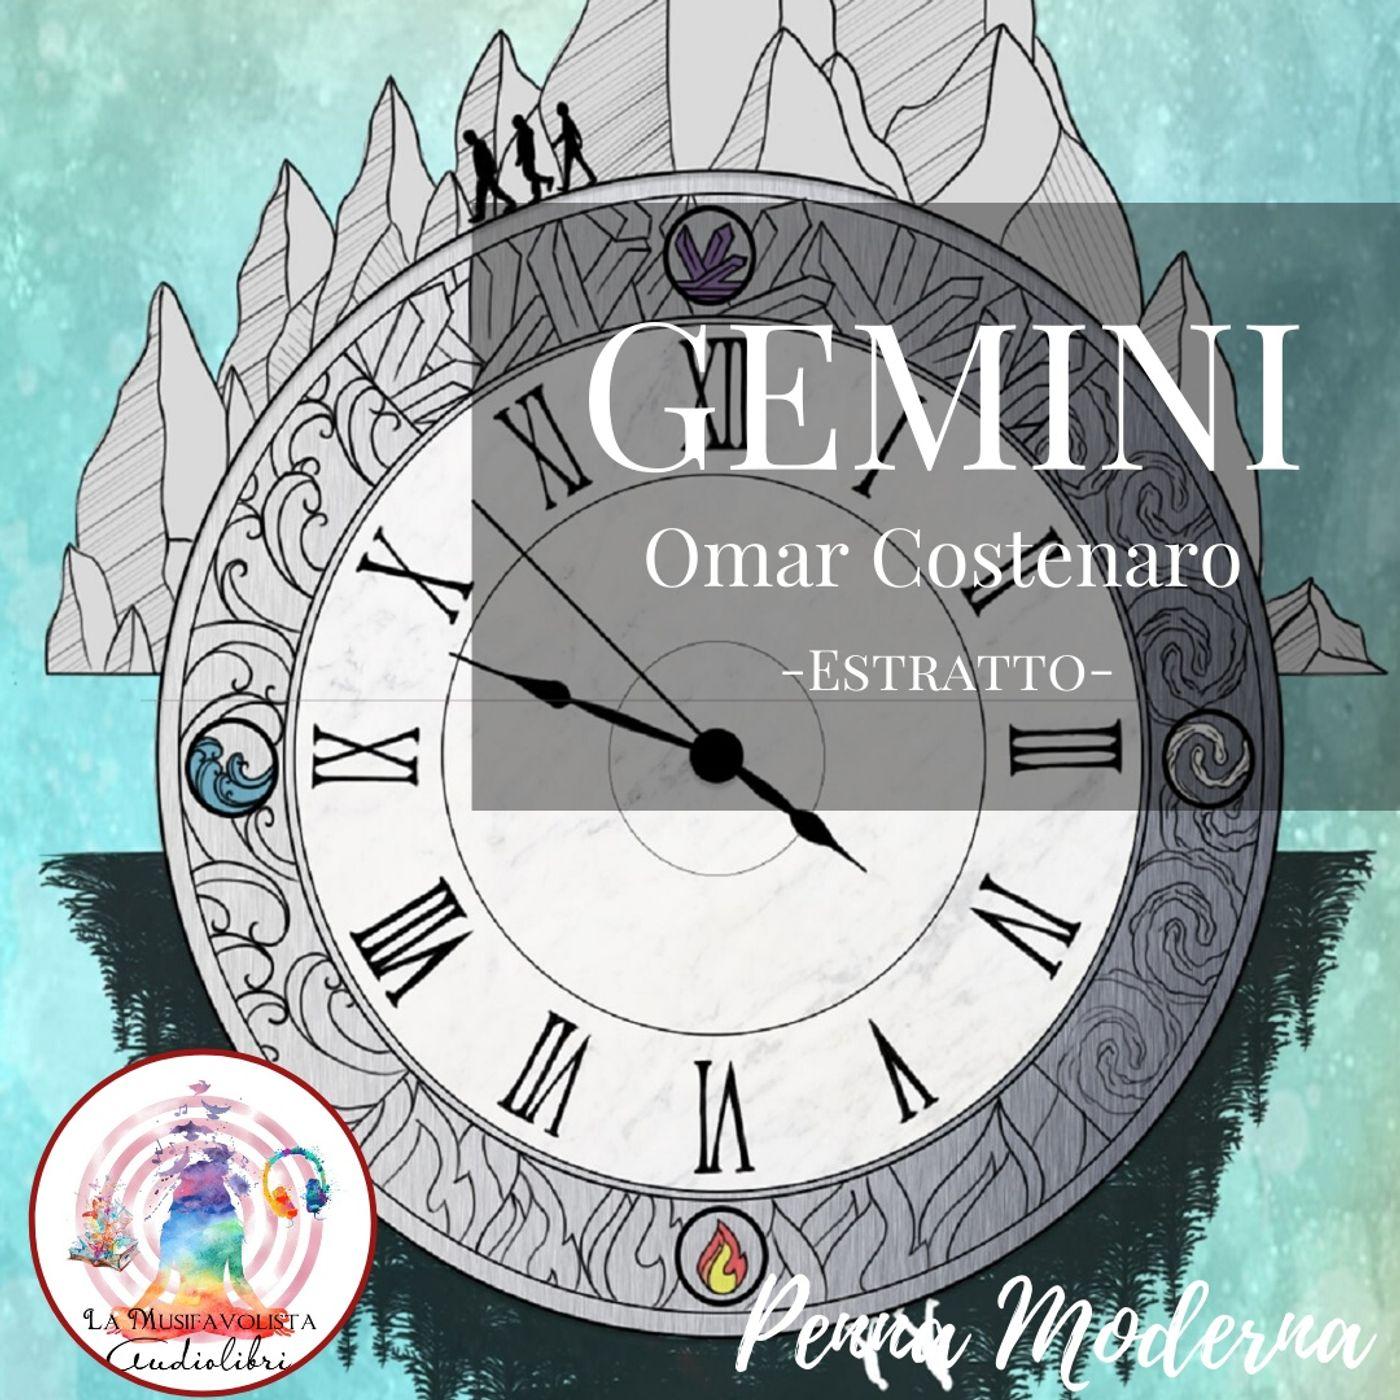 ✍ Gemini di Omar Costenaro ✎ Estratto ✐PENNA MODERNA